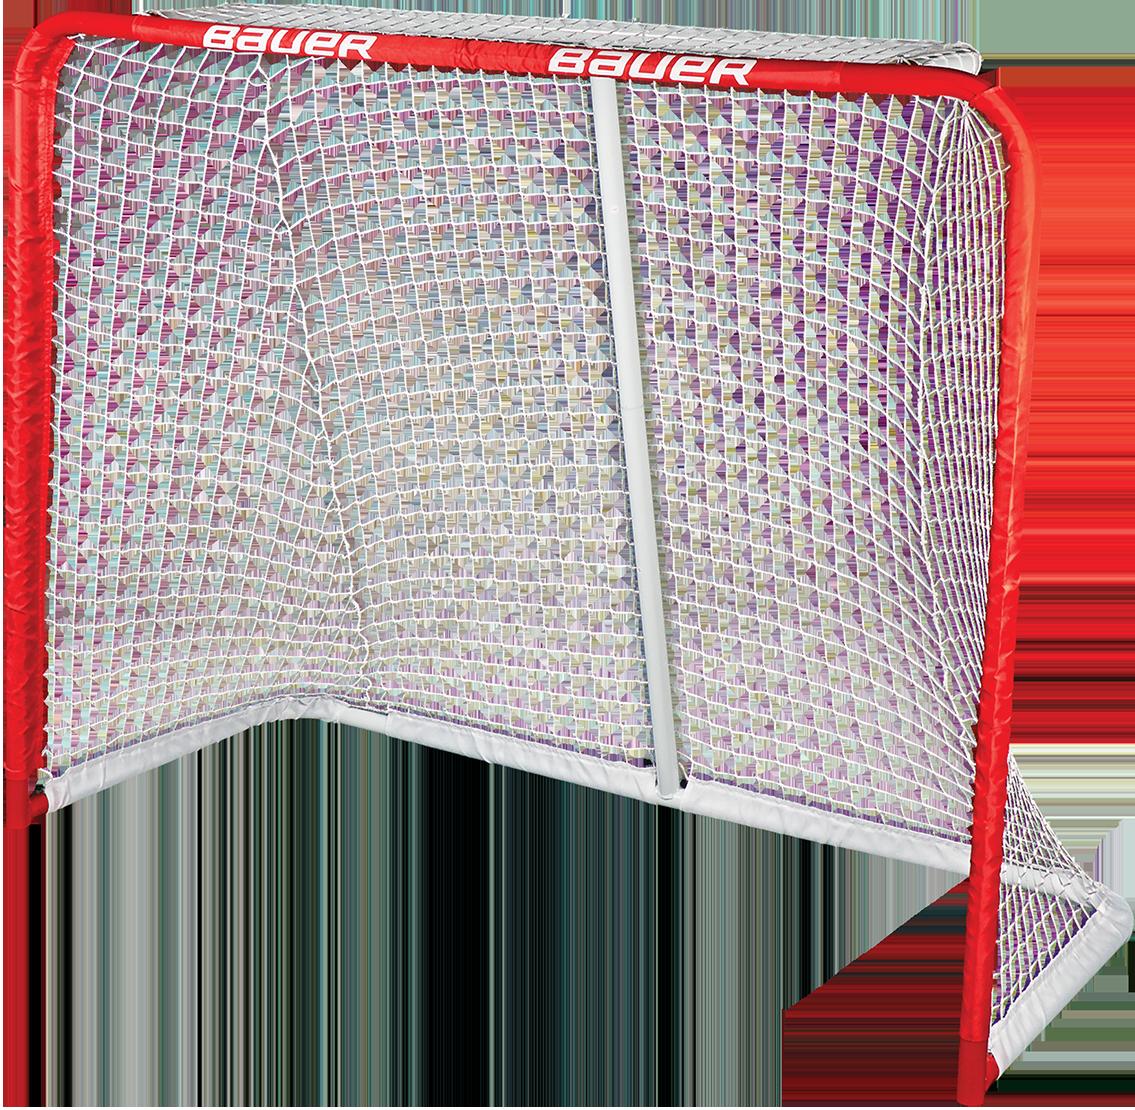 Hockey clipart street hockey. Ice and stock illustrations